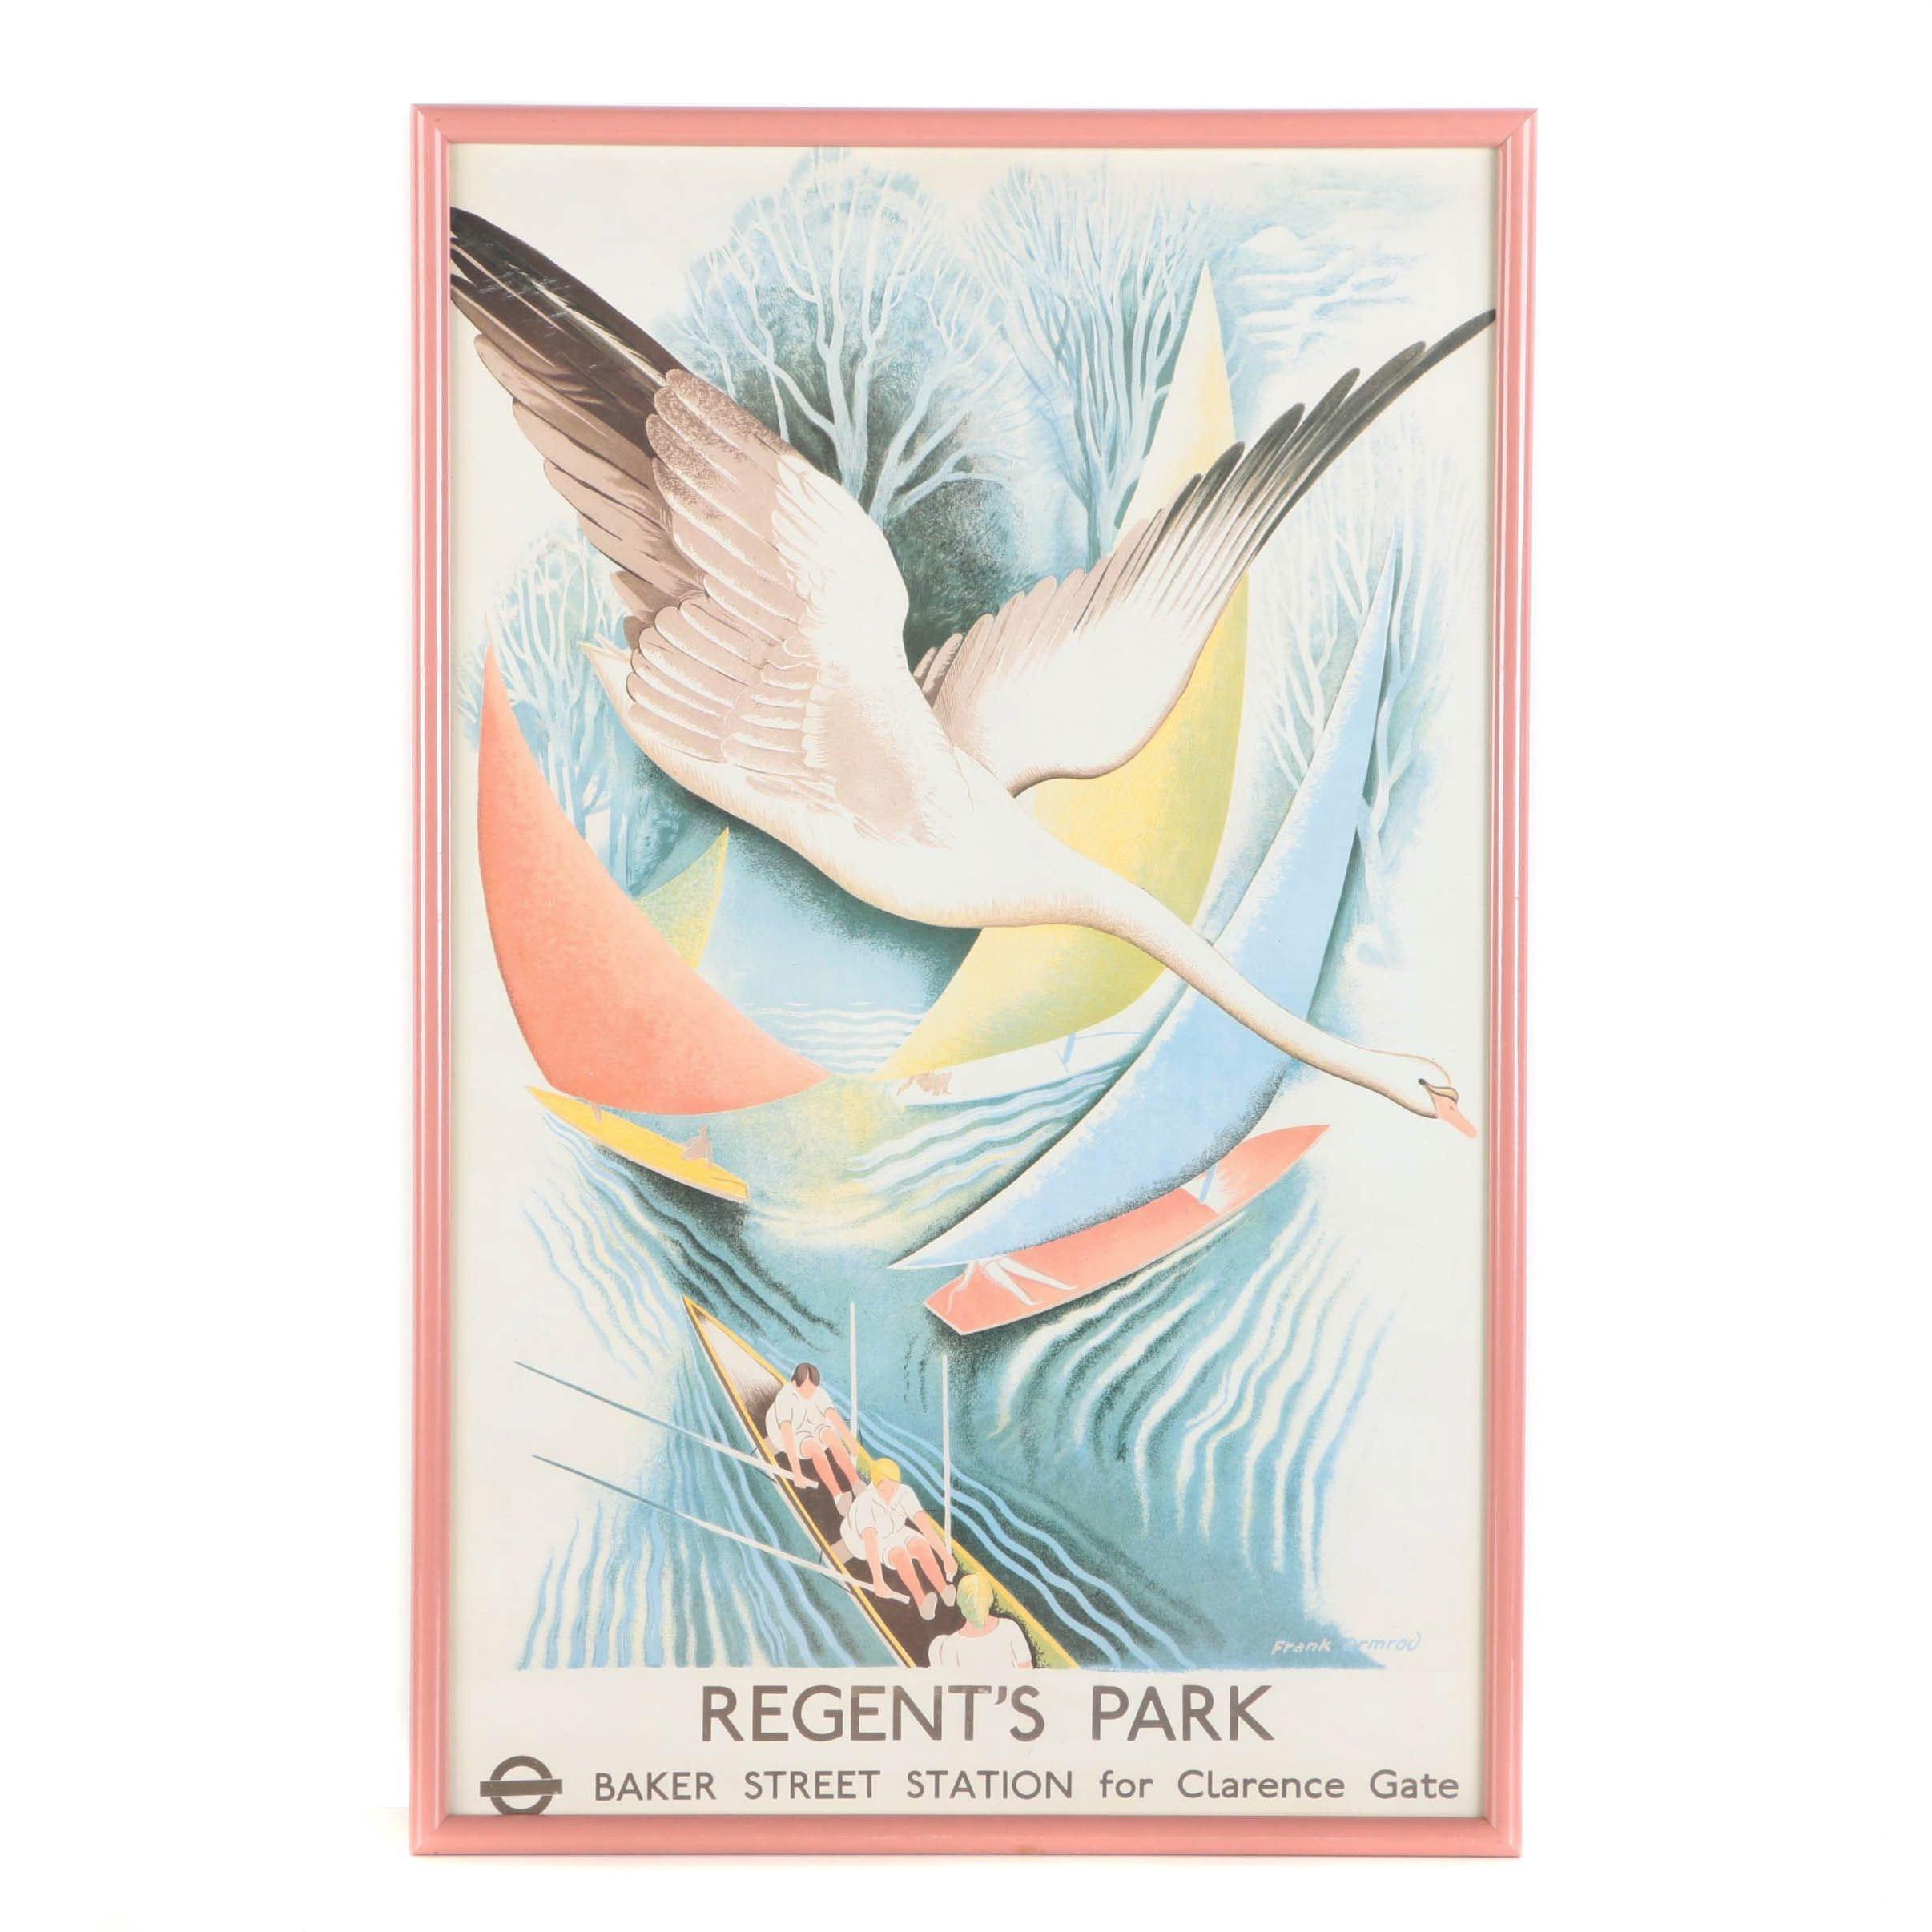 Framed Frank Ormrod Offset Lithograph Poster for Regent's Park in London